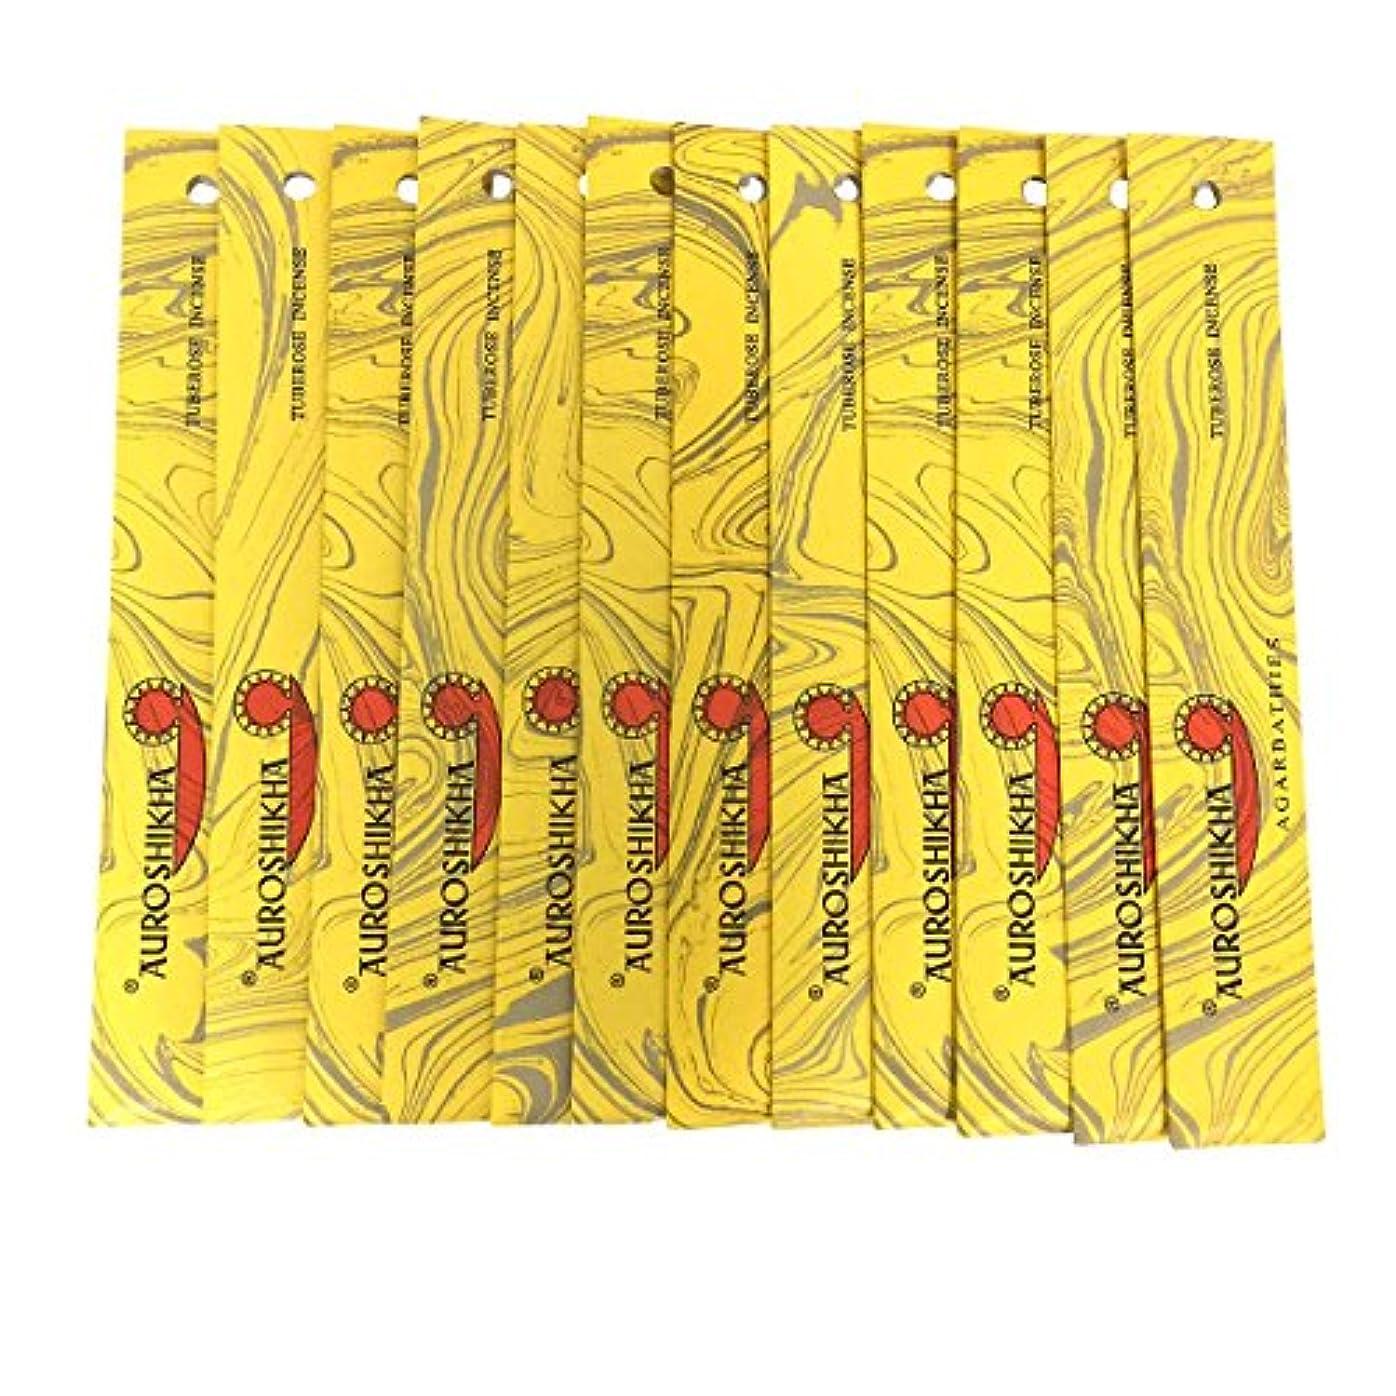 冊子ブレースギャラリーAUROSHIKHA オウロシカ(TUBEROSEチューベローズ12個セット) マーブルパッケージスティック 送料無料